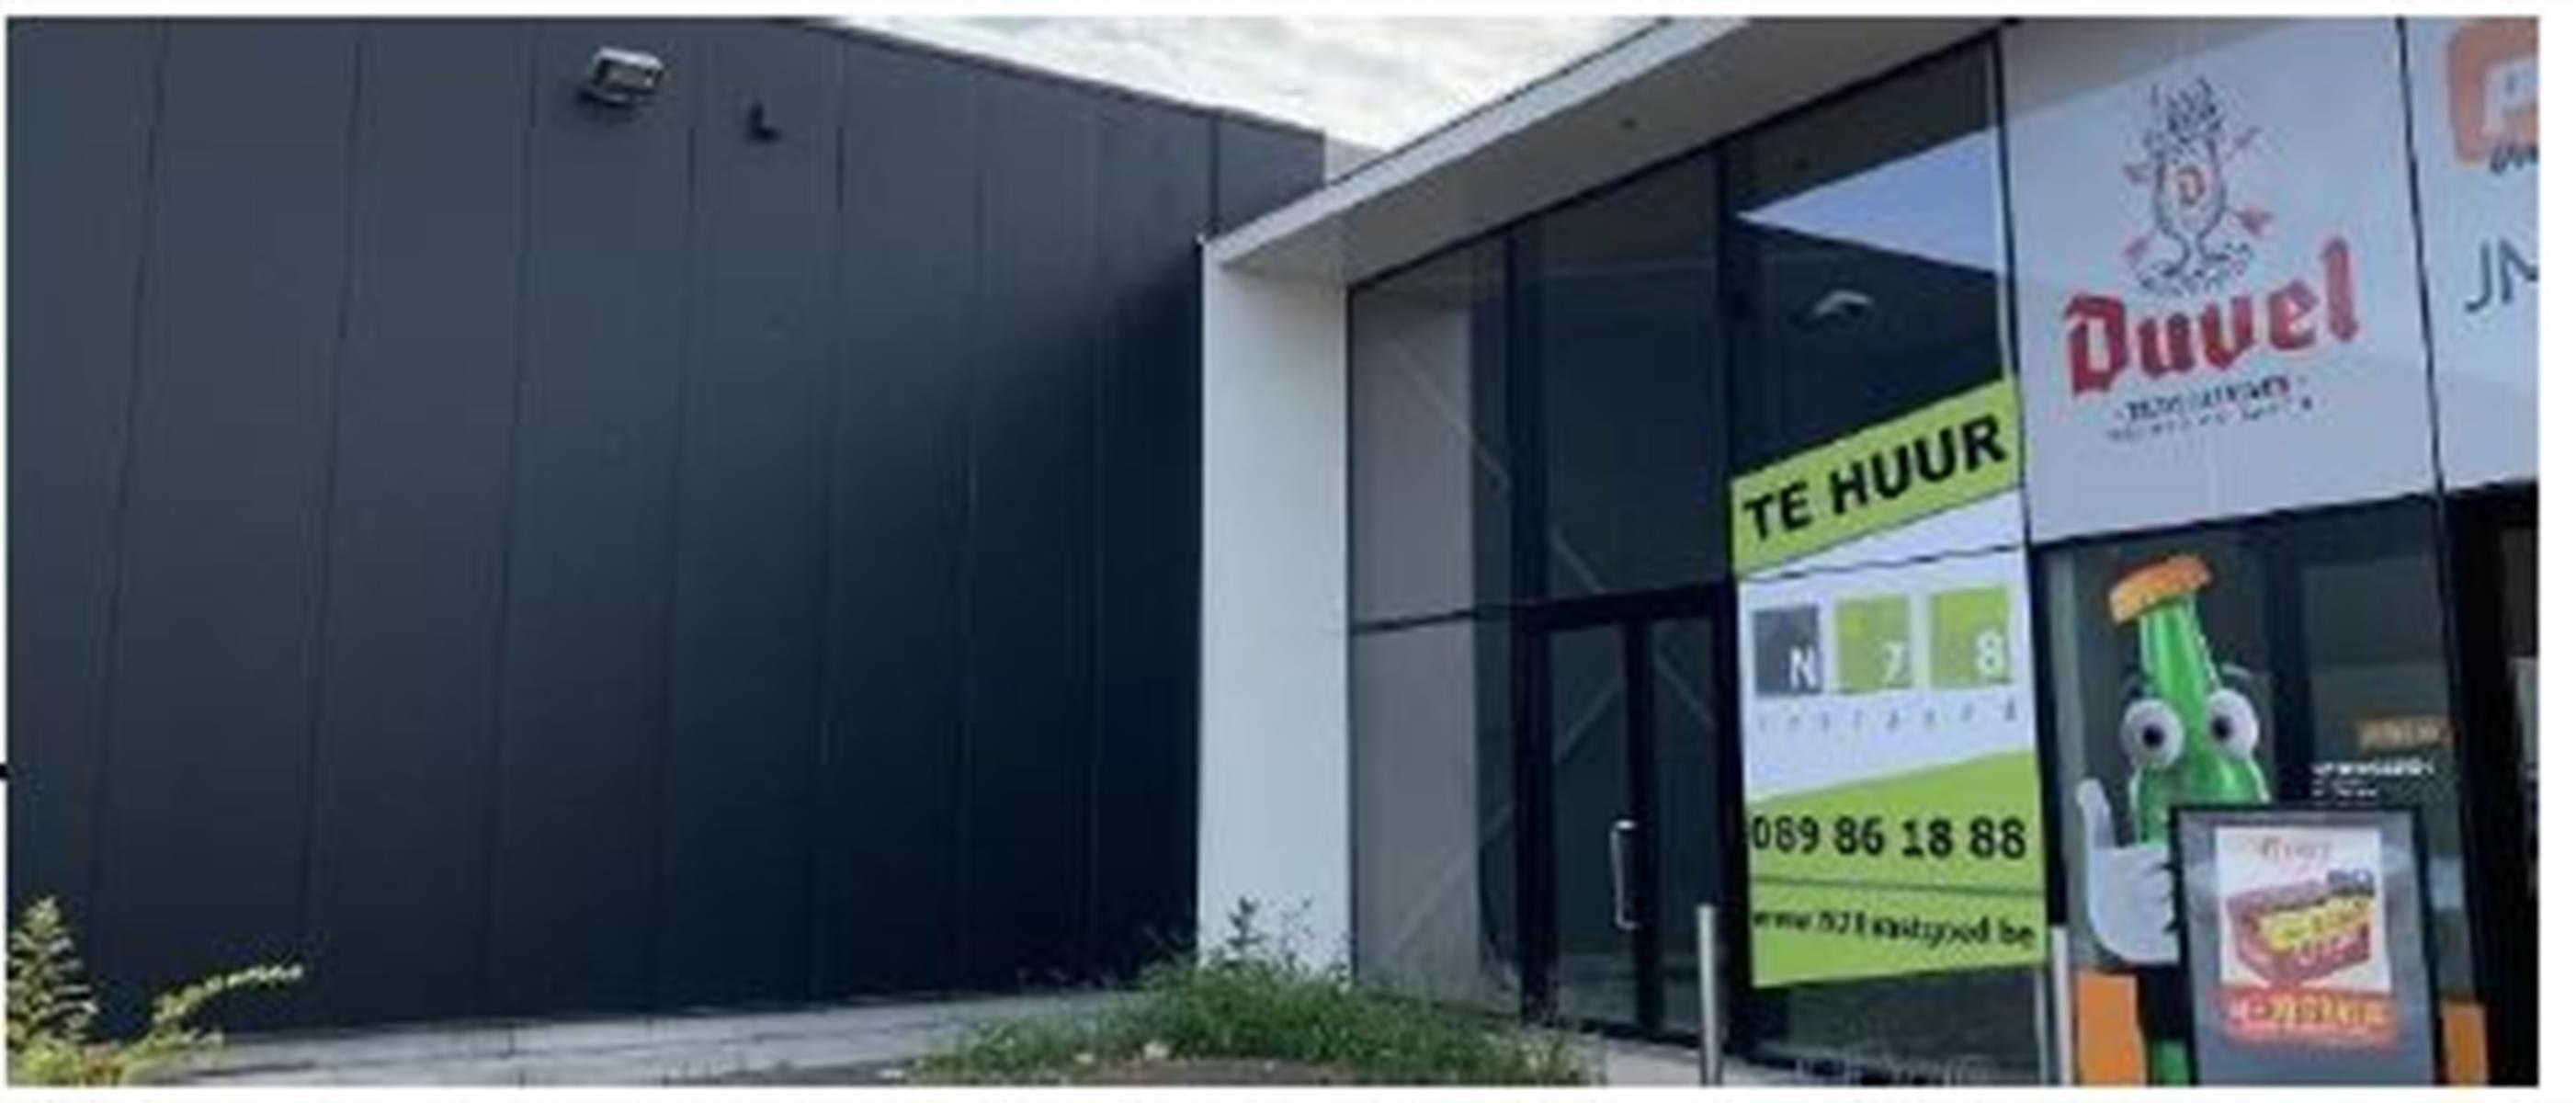 opslagplaats te huur Opslagruimte Handelsruimte Te Huur - 3630 Maasmechelen, België 3